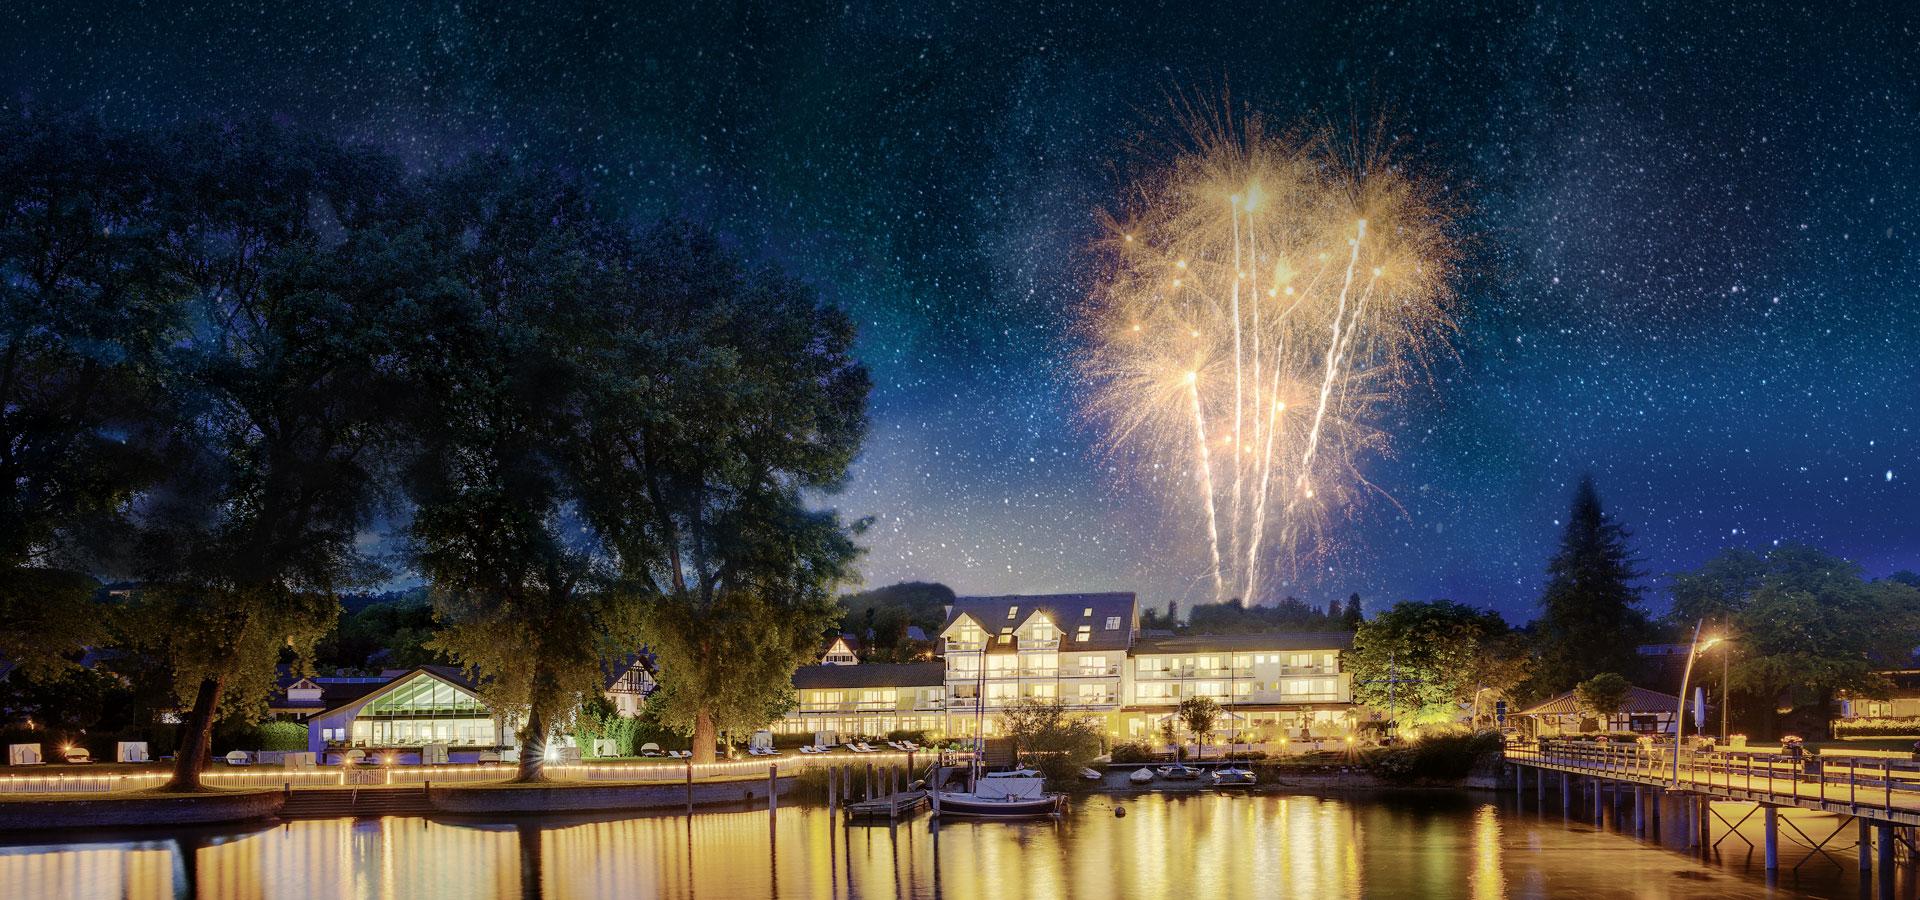 Feuerwerk über dem Hotel HOERI am Bodensee